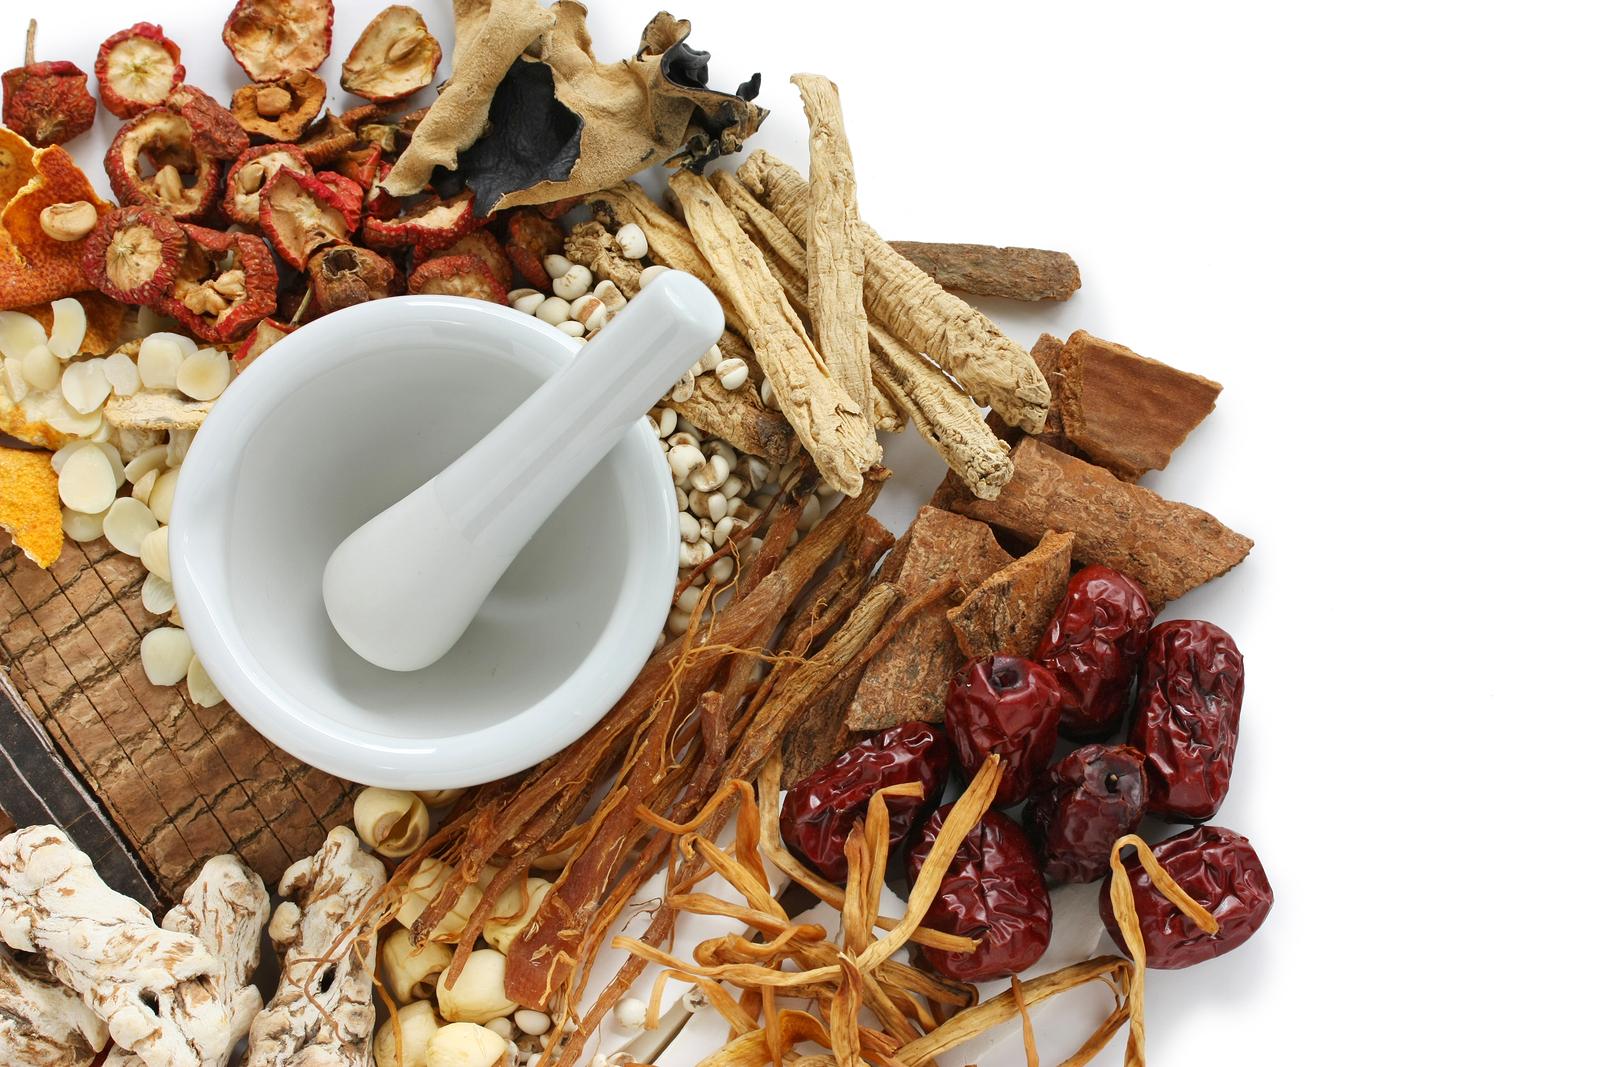 طب سنتی یا پزشکی مدرن؟ کدام یک بهتر است؟